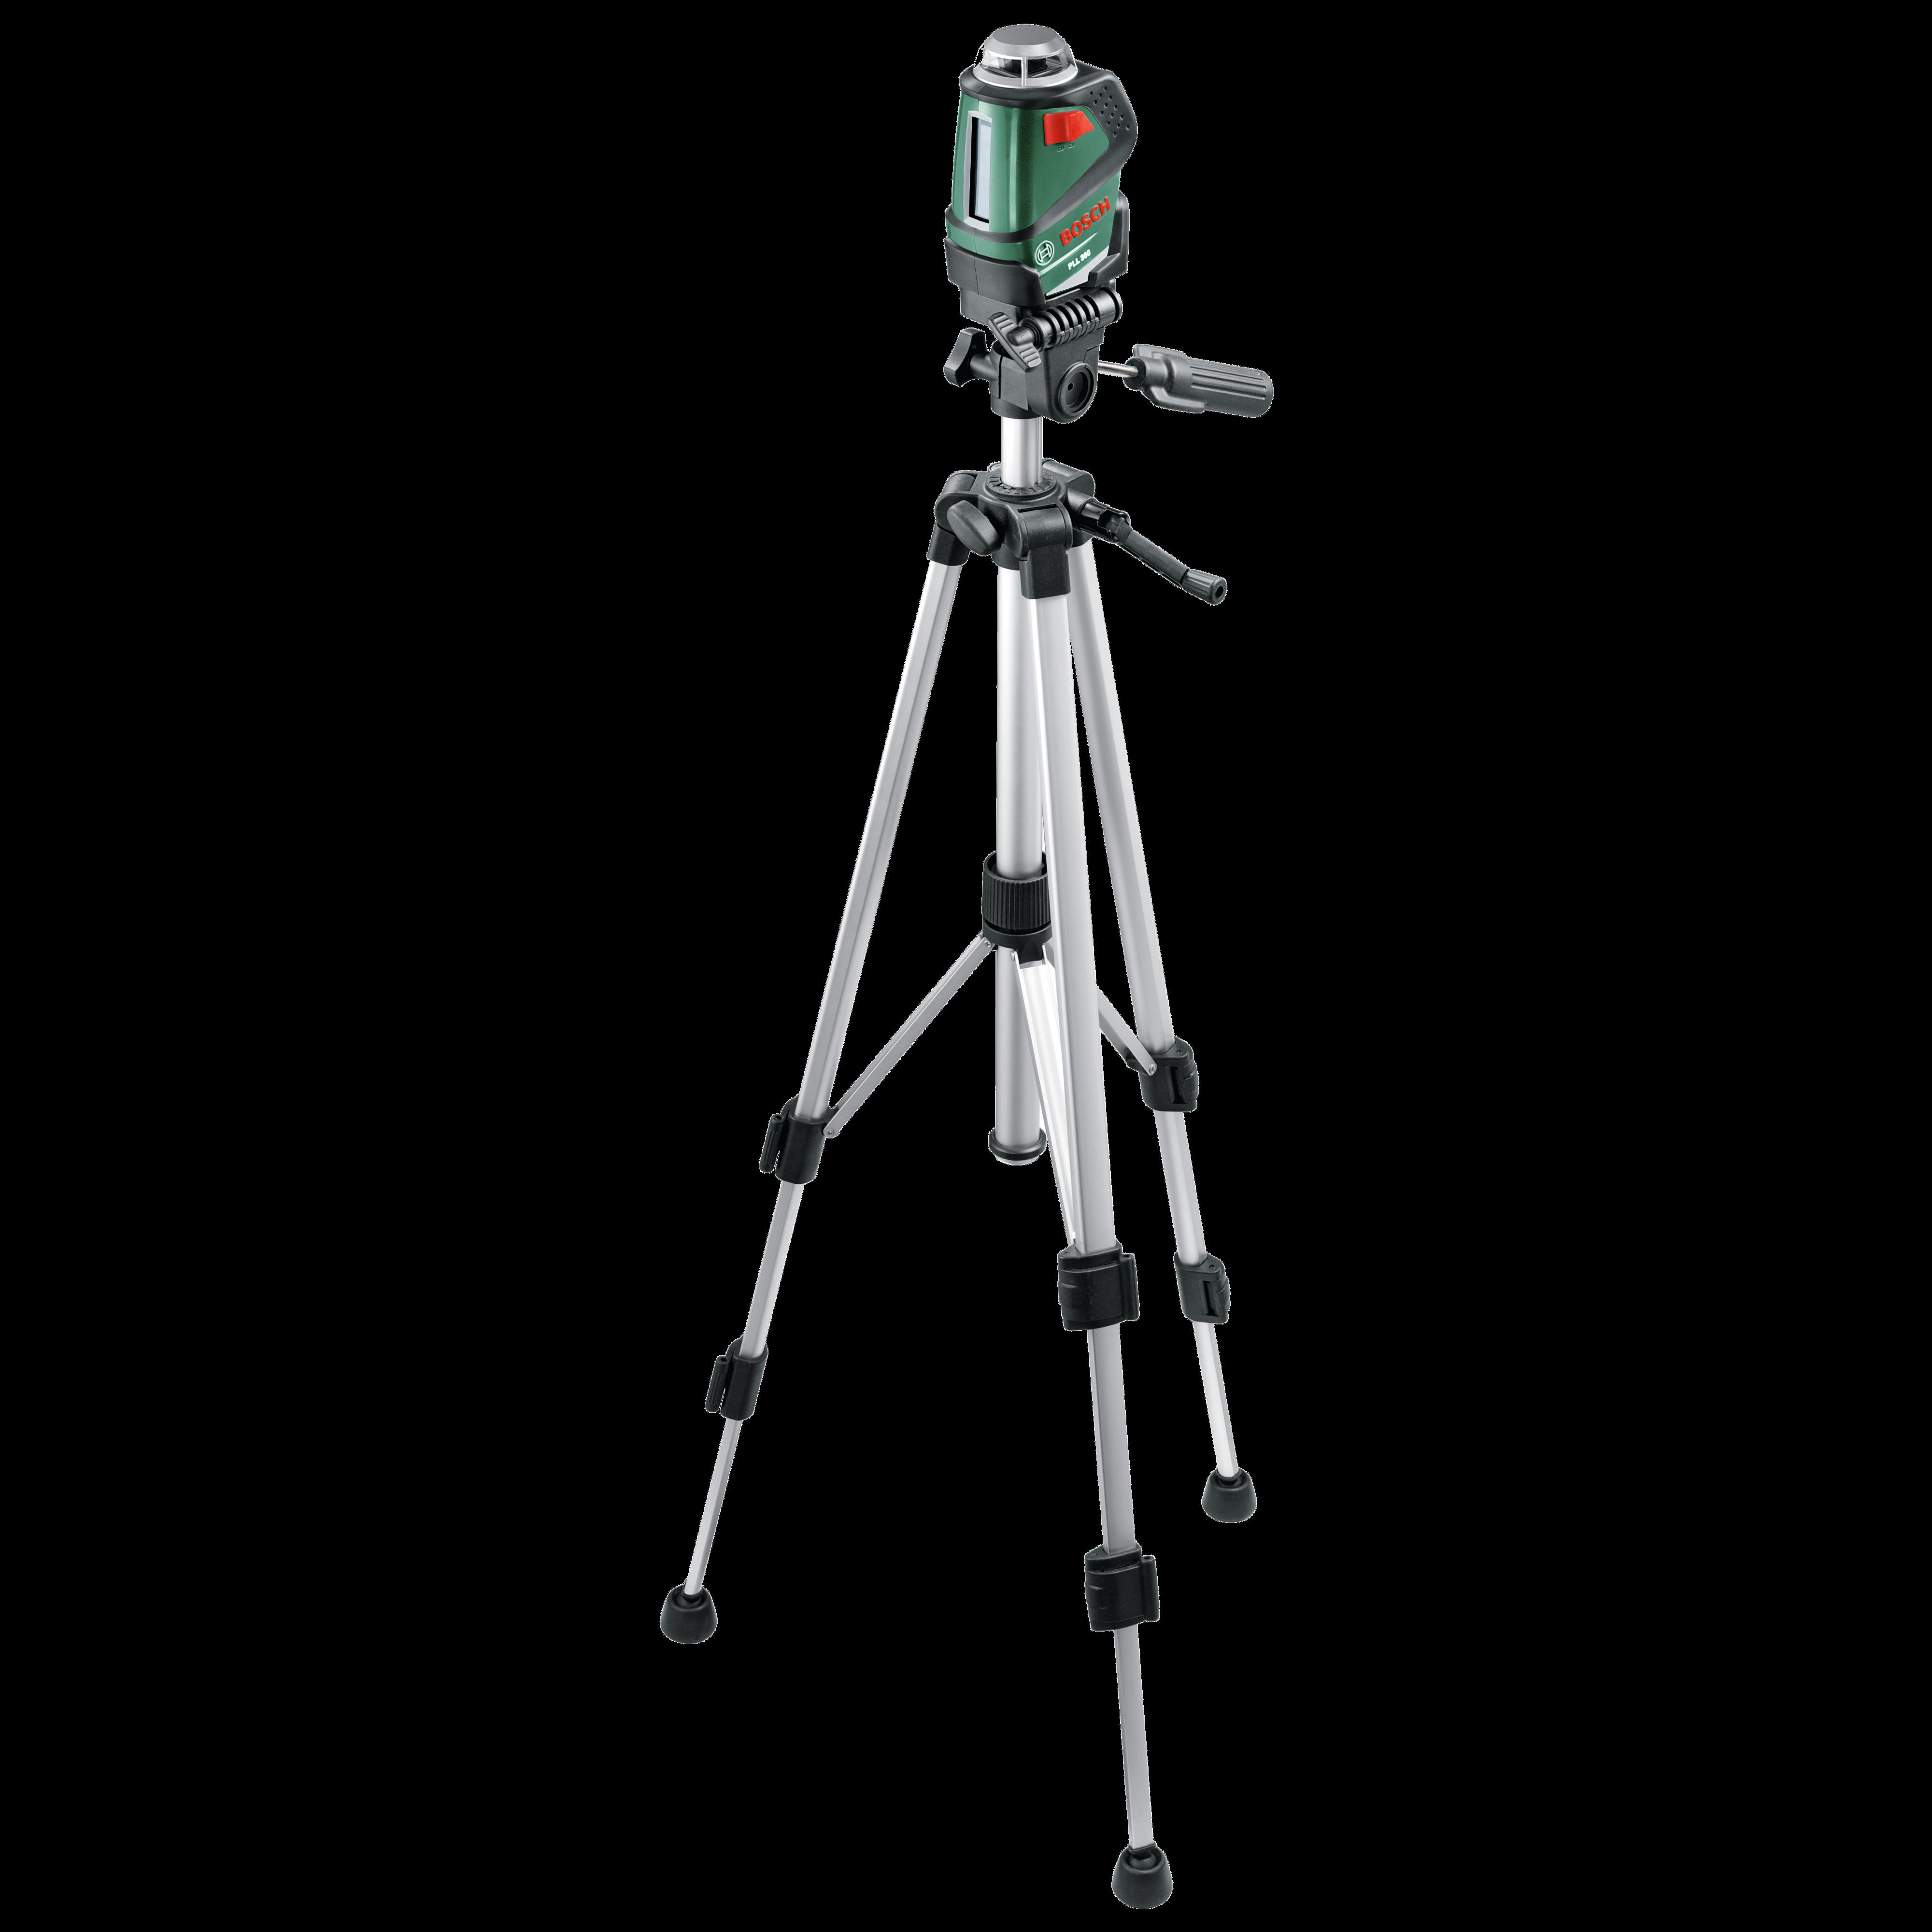 b5fc8a10d116 Lézeres szintező - Mérőeszköz - Szerszám, gép, műhely -